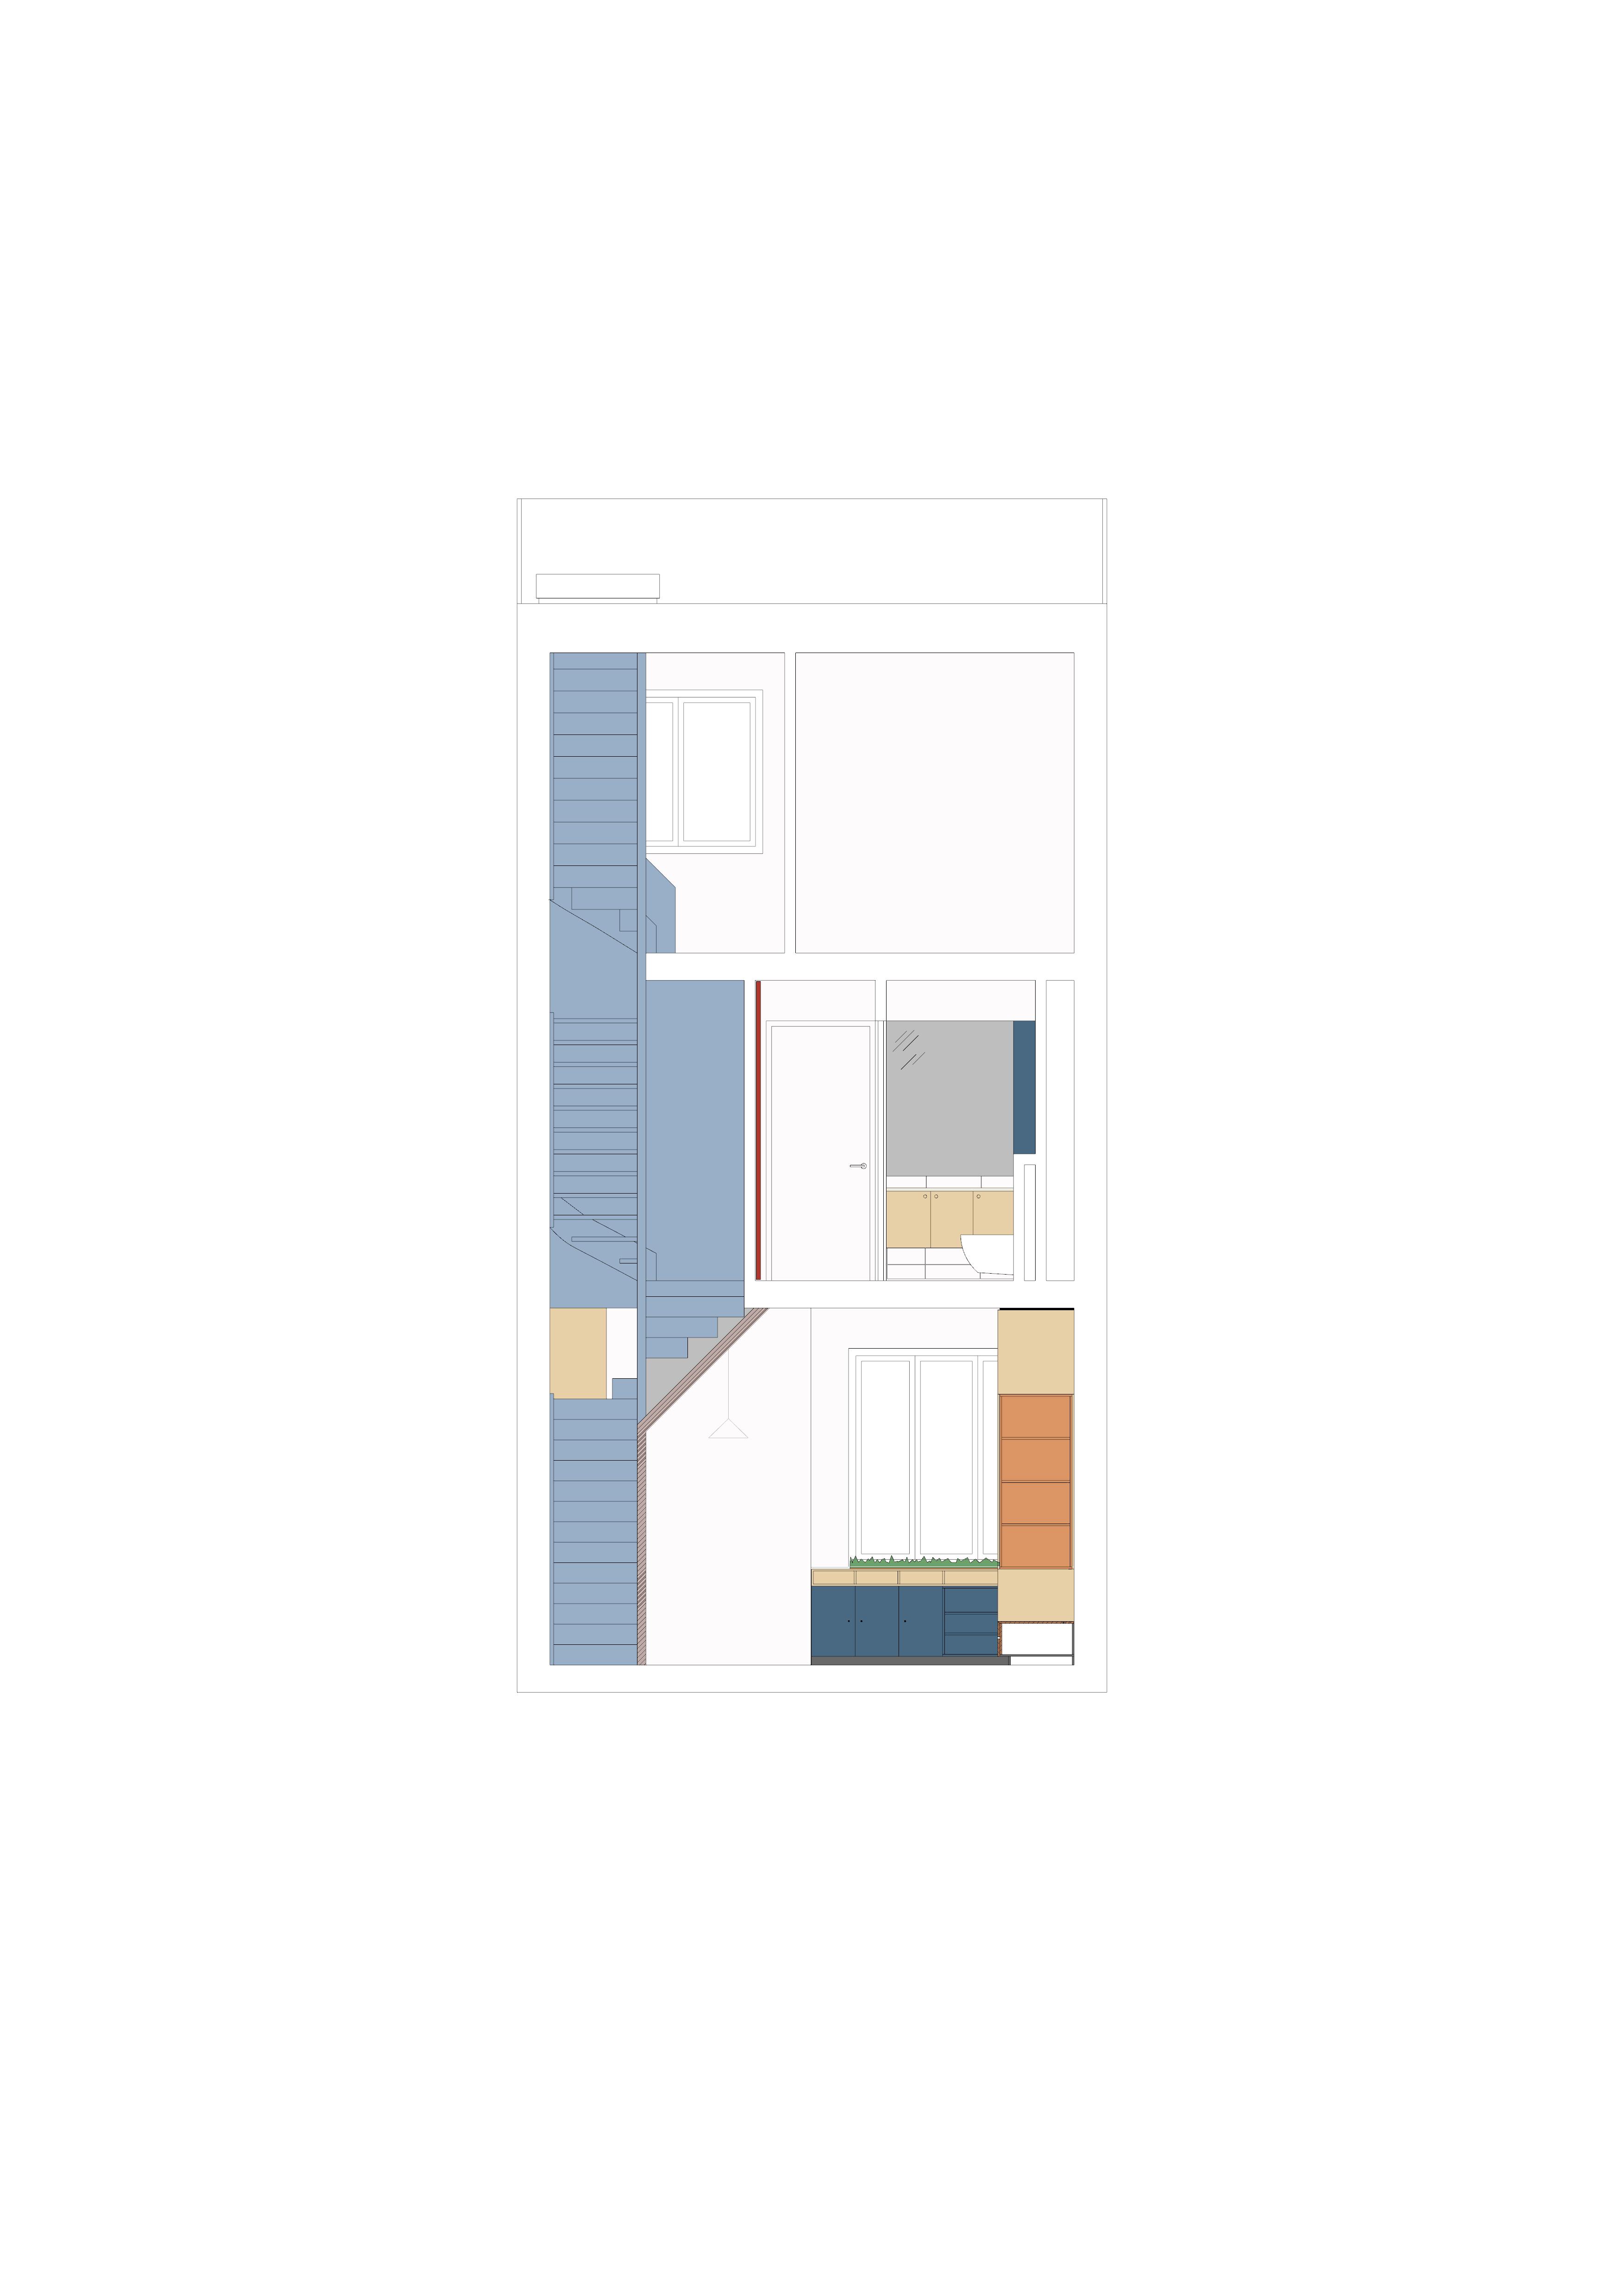 <p>Dwarsdoorsnede over het trappenhuis en de kern van de woning</p>